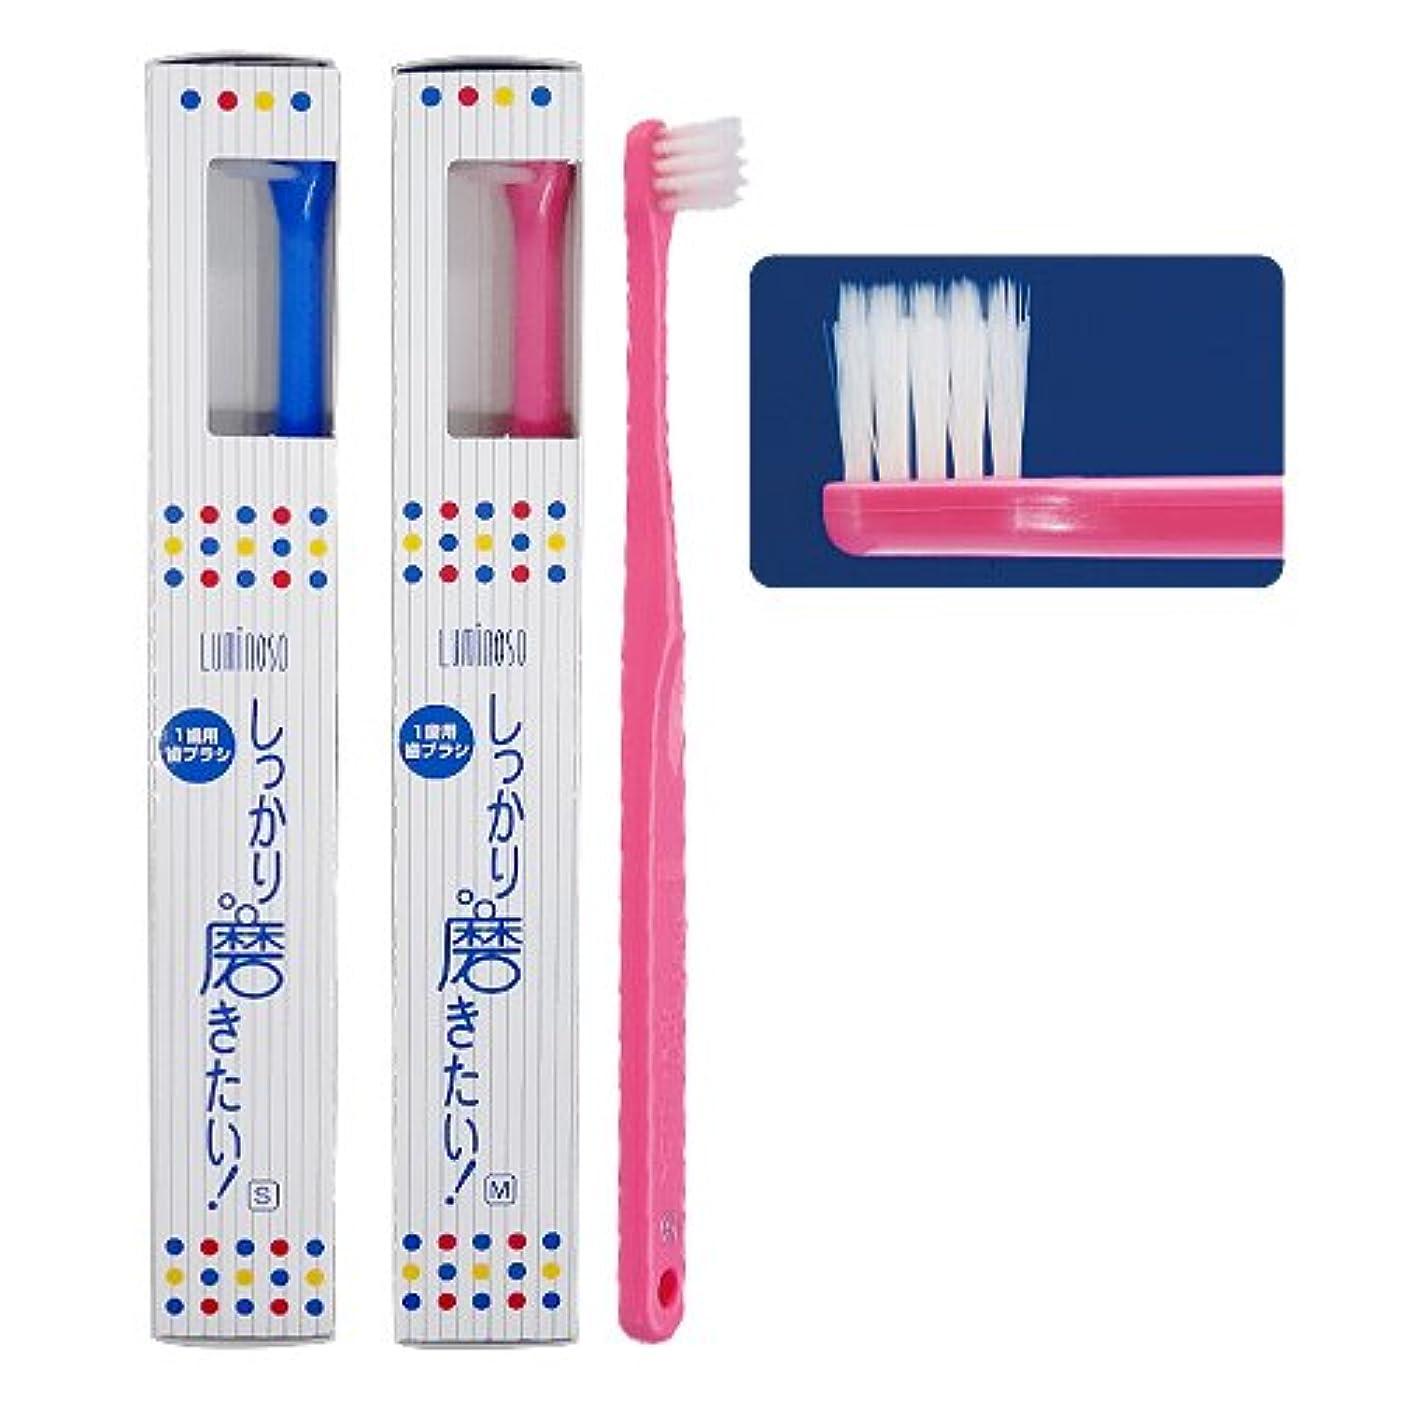 牽引泥だらけ排泄するルミノソ 1歯用歯ブラシ「しっかり磨きたい!」スタンダード ソフト